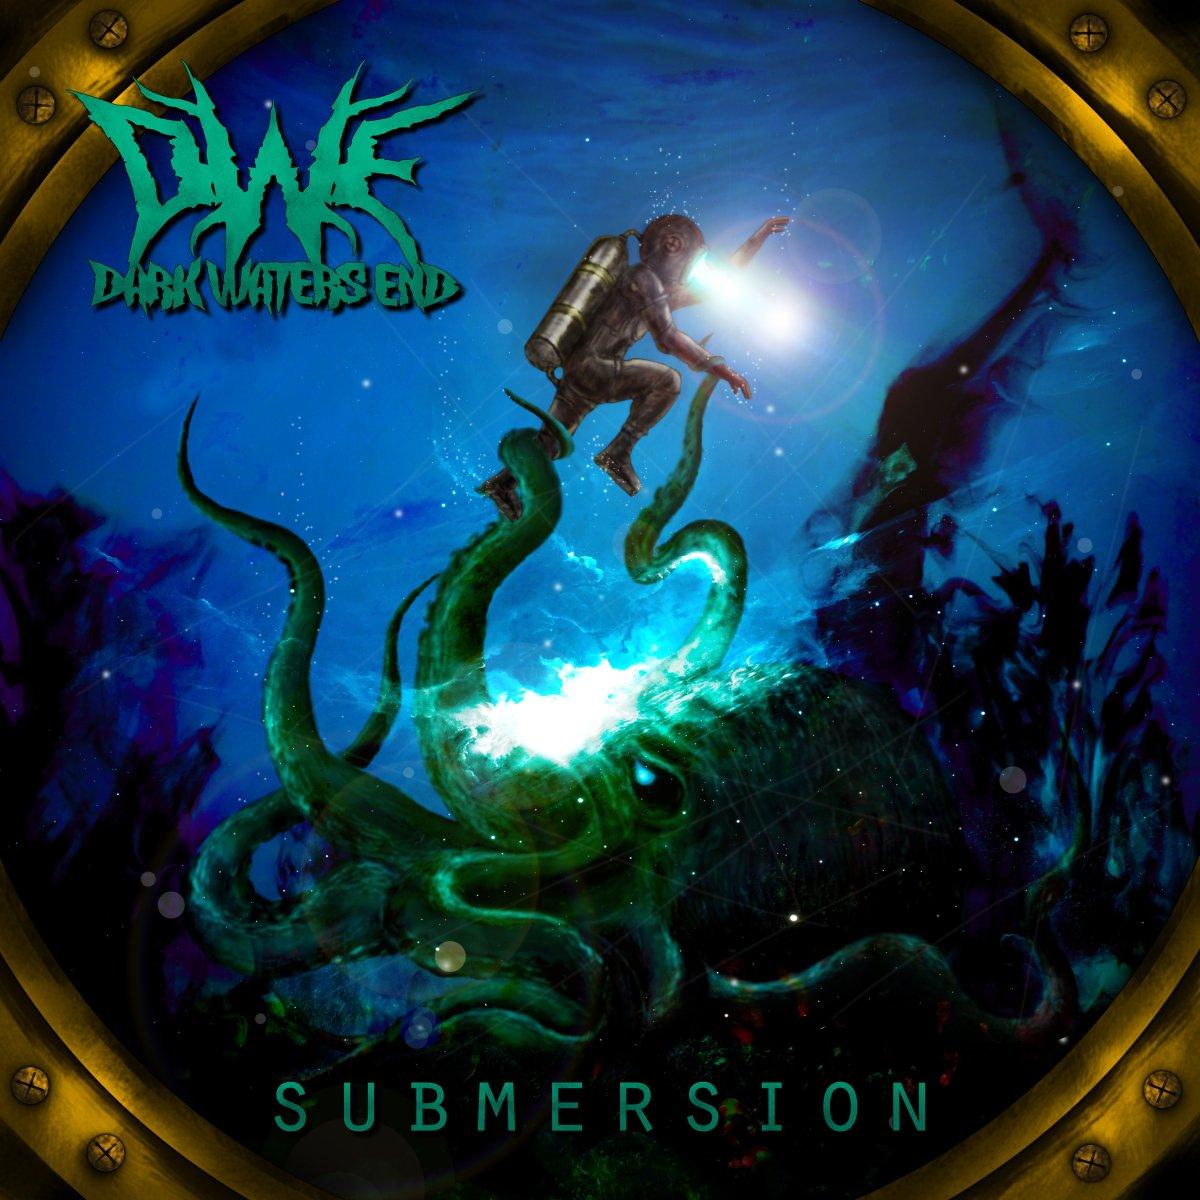 Dark Water End - Submersion